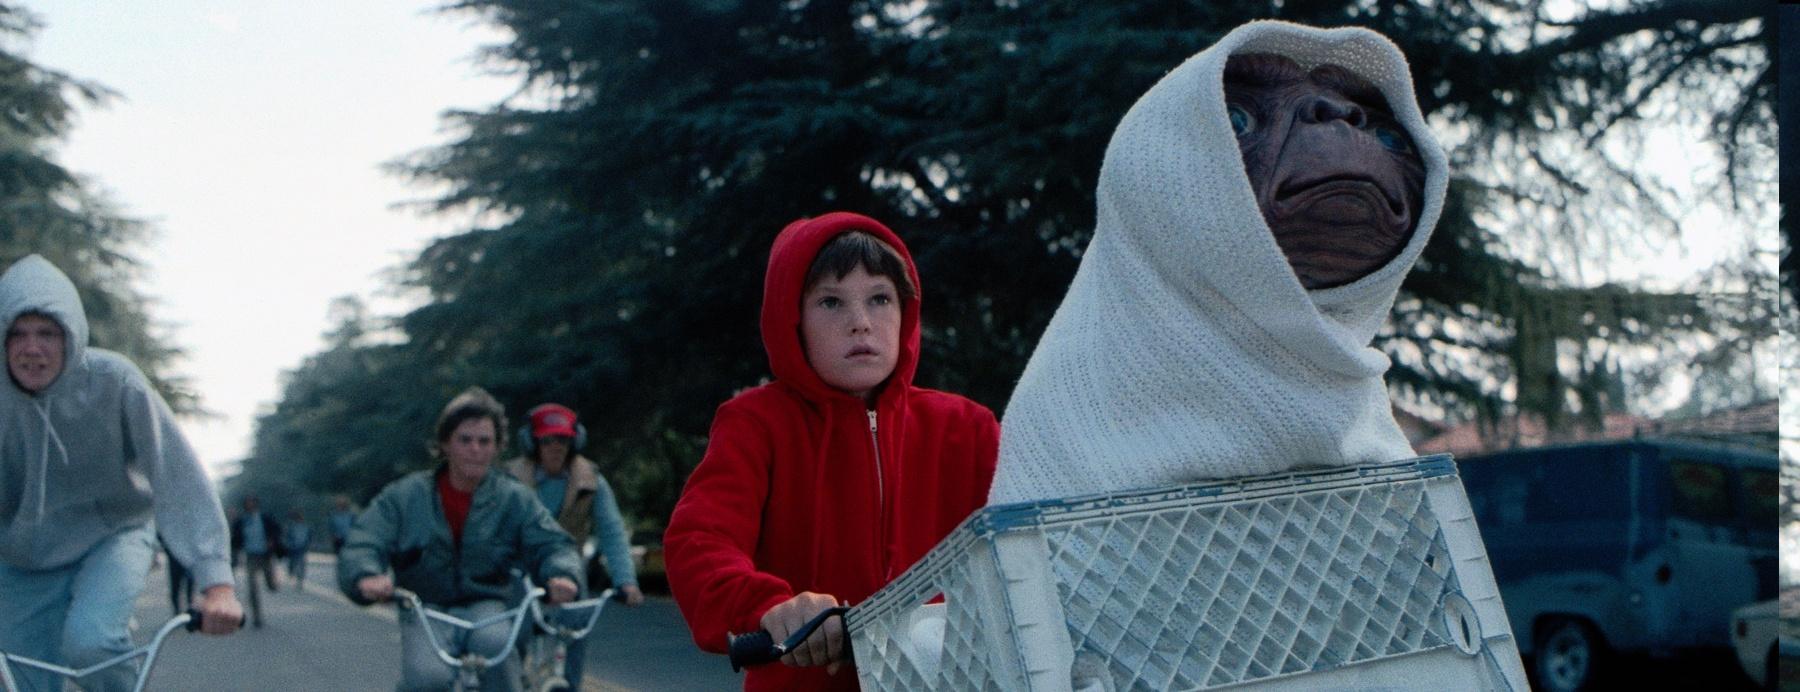 harrison ford had a cameo in E.T.